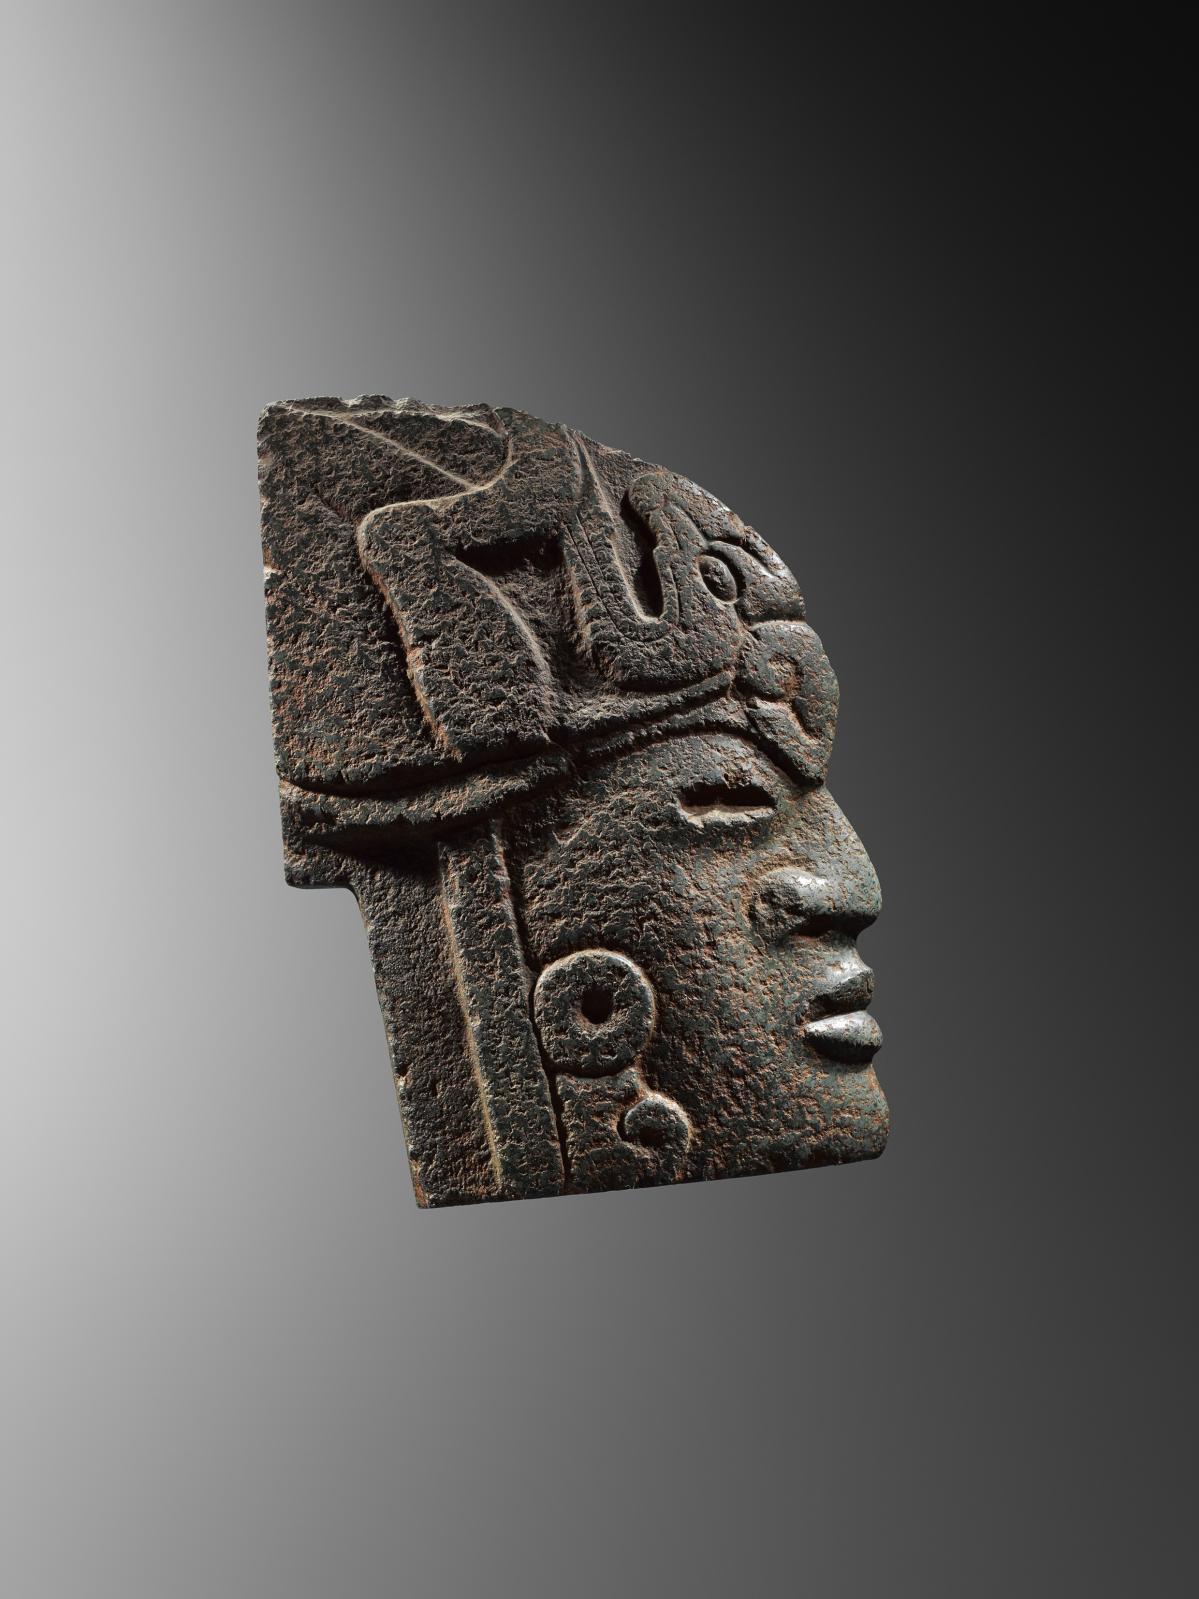 Veracruz, Mexique, époque classique, 600-900apr.J.-C. Hacha «guerrier à l'oiseau», pierre dure verte sculptée et polie, 23x16x6cm. Estimation: